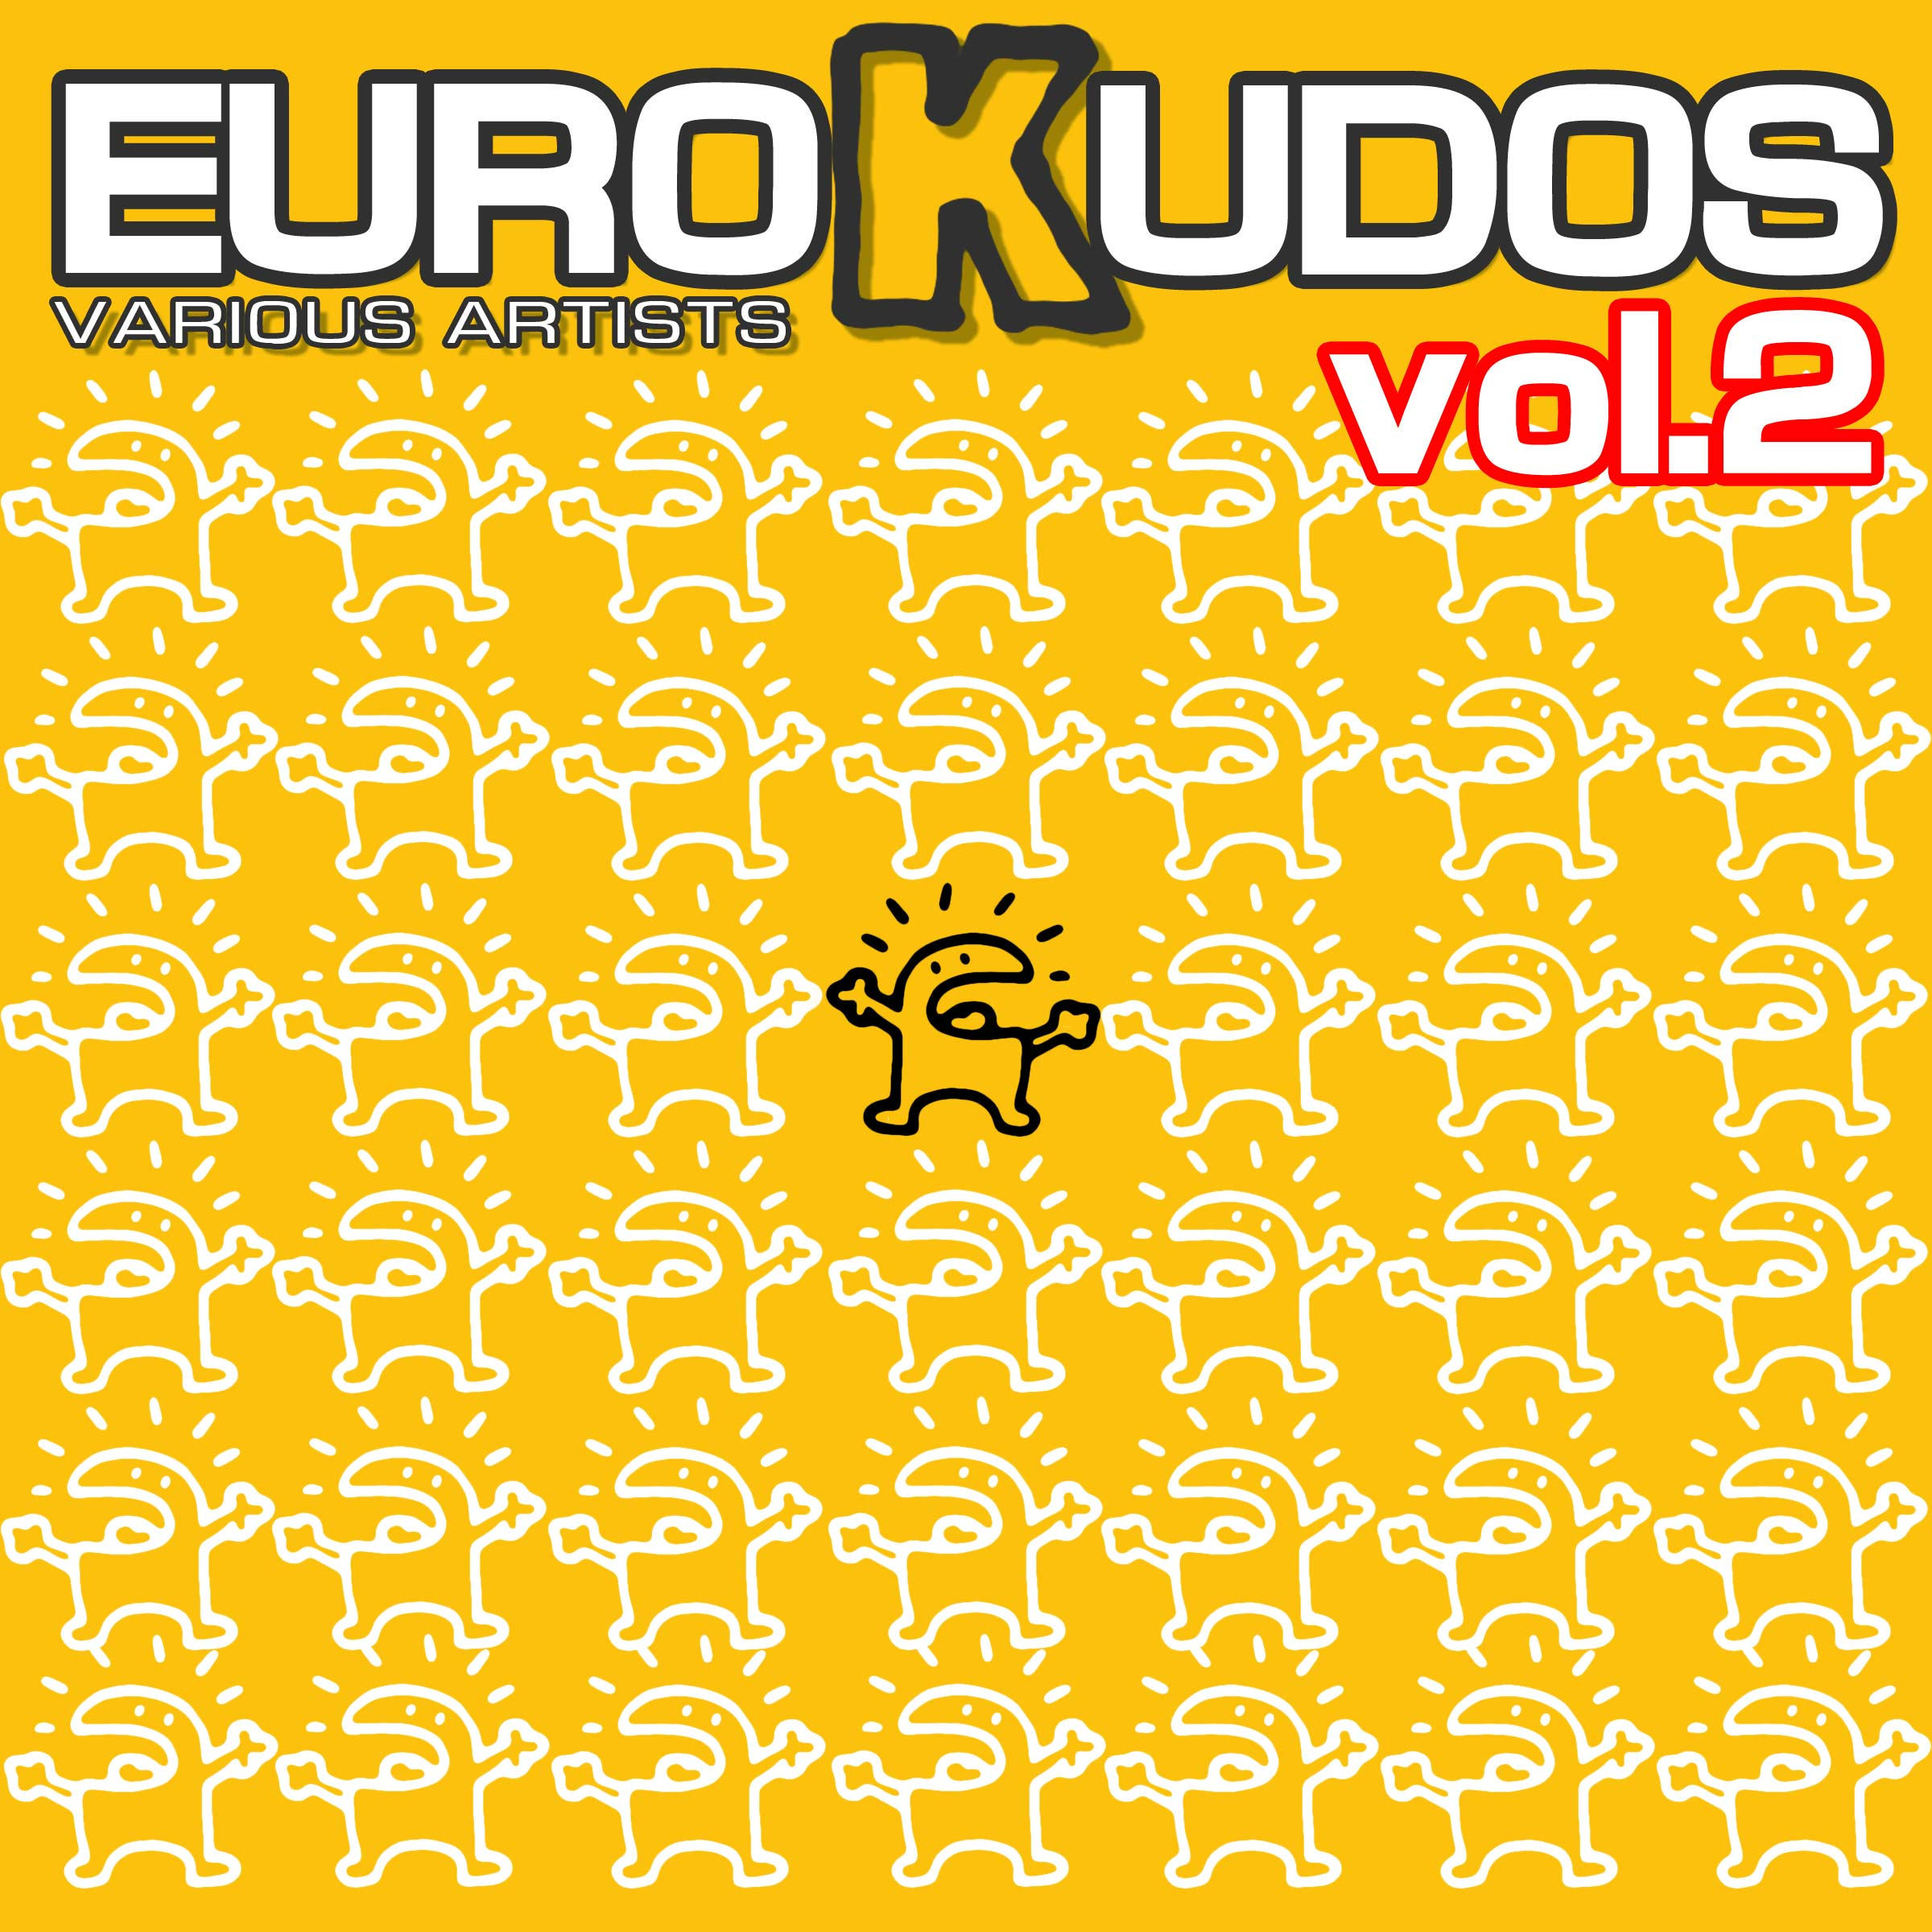 EUROKUDOS vol 2